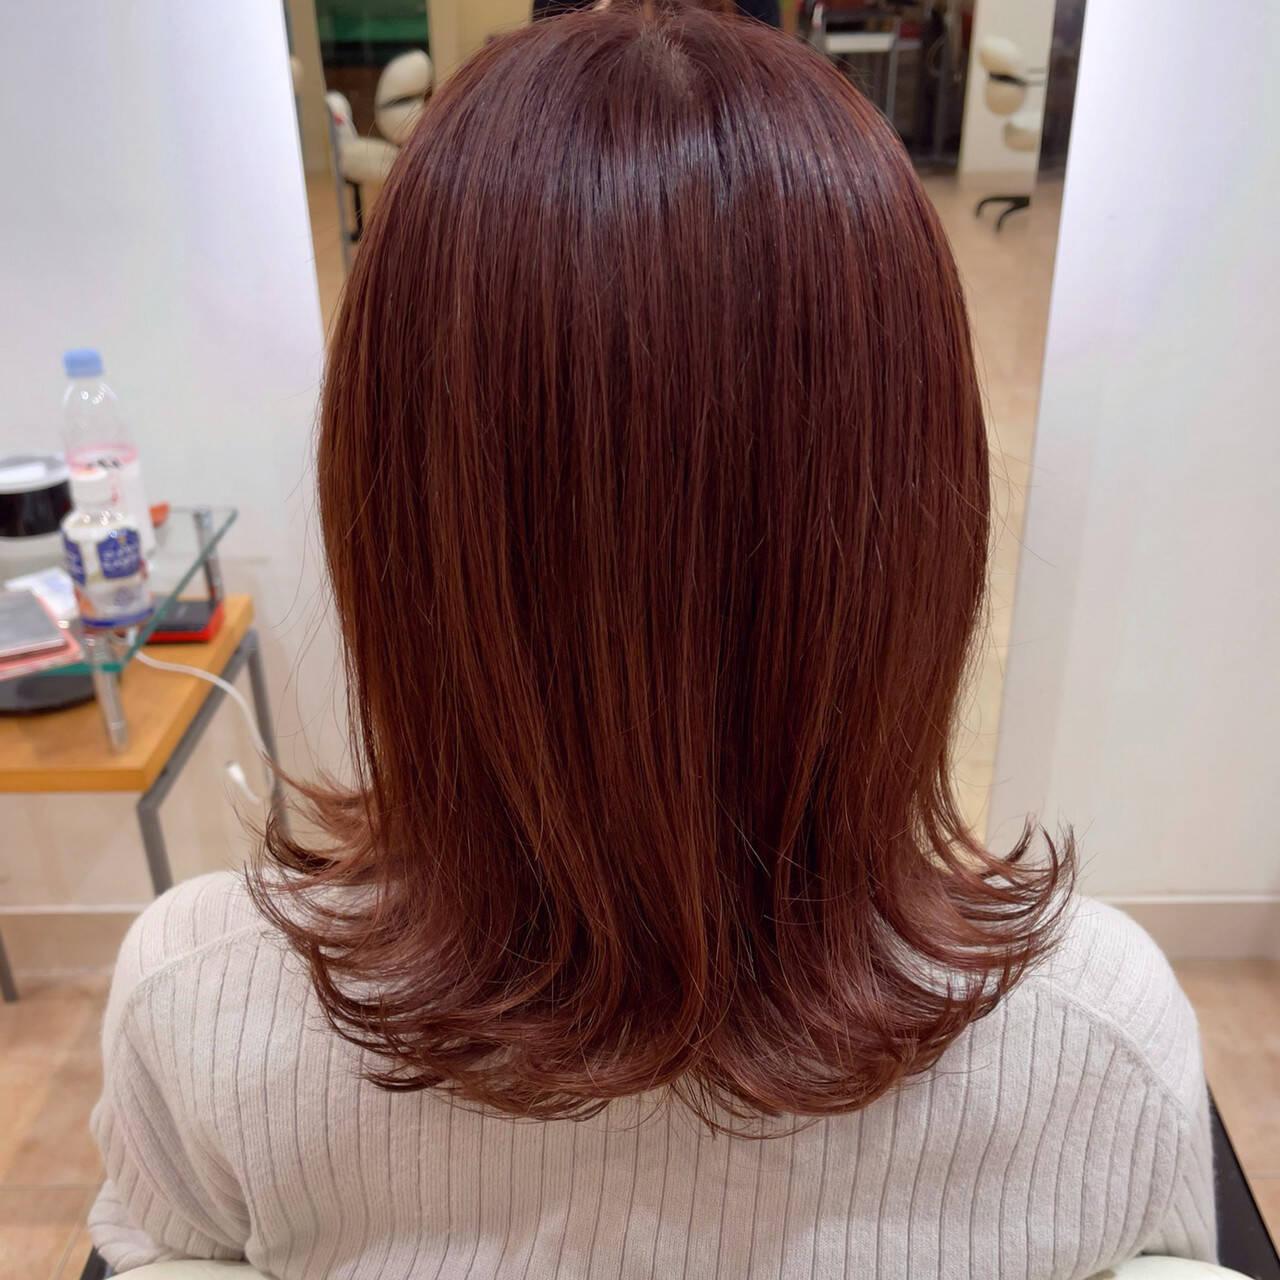 ミディアム ピンクブラウン フェミニン ピンクアッシュヘアスタイルや髪型の写真・画像